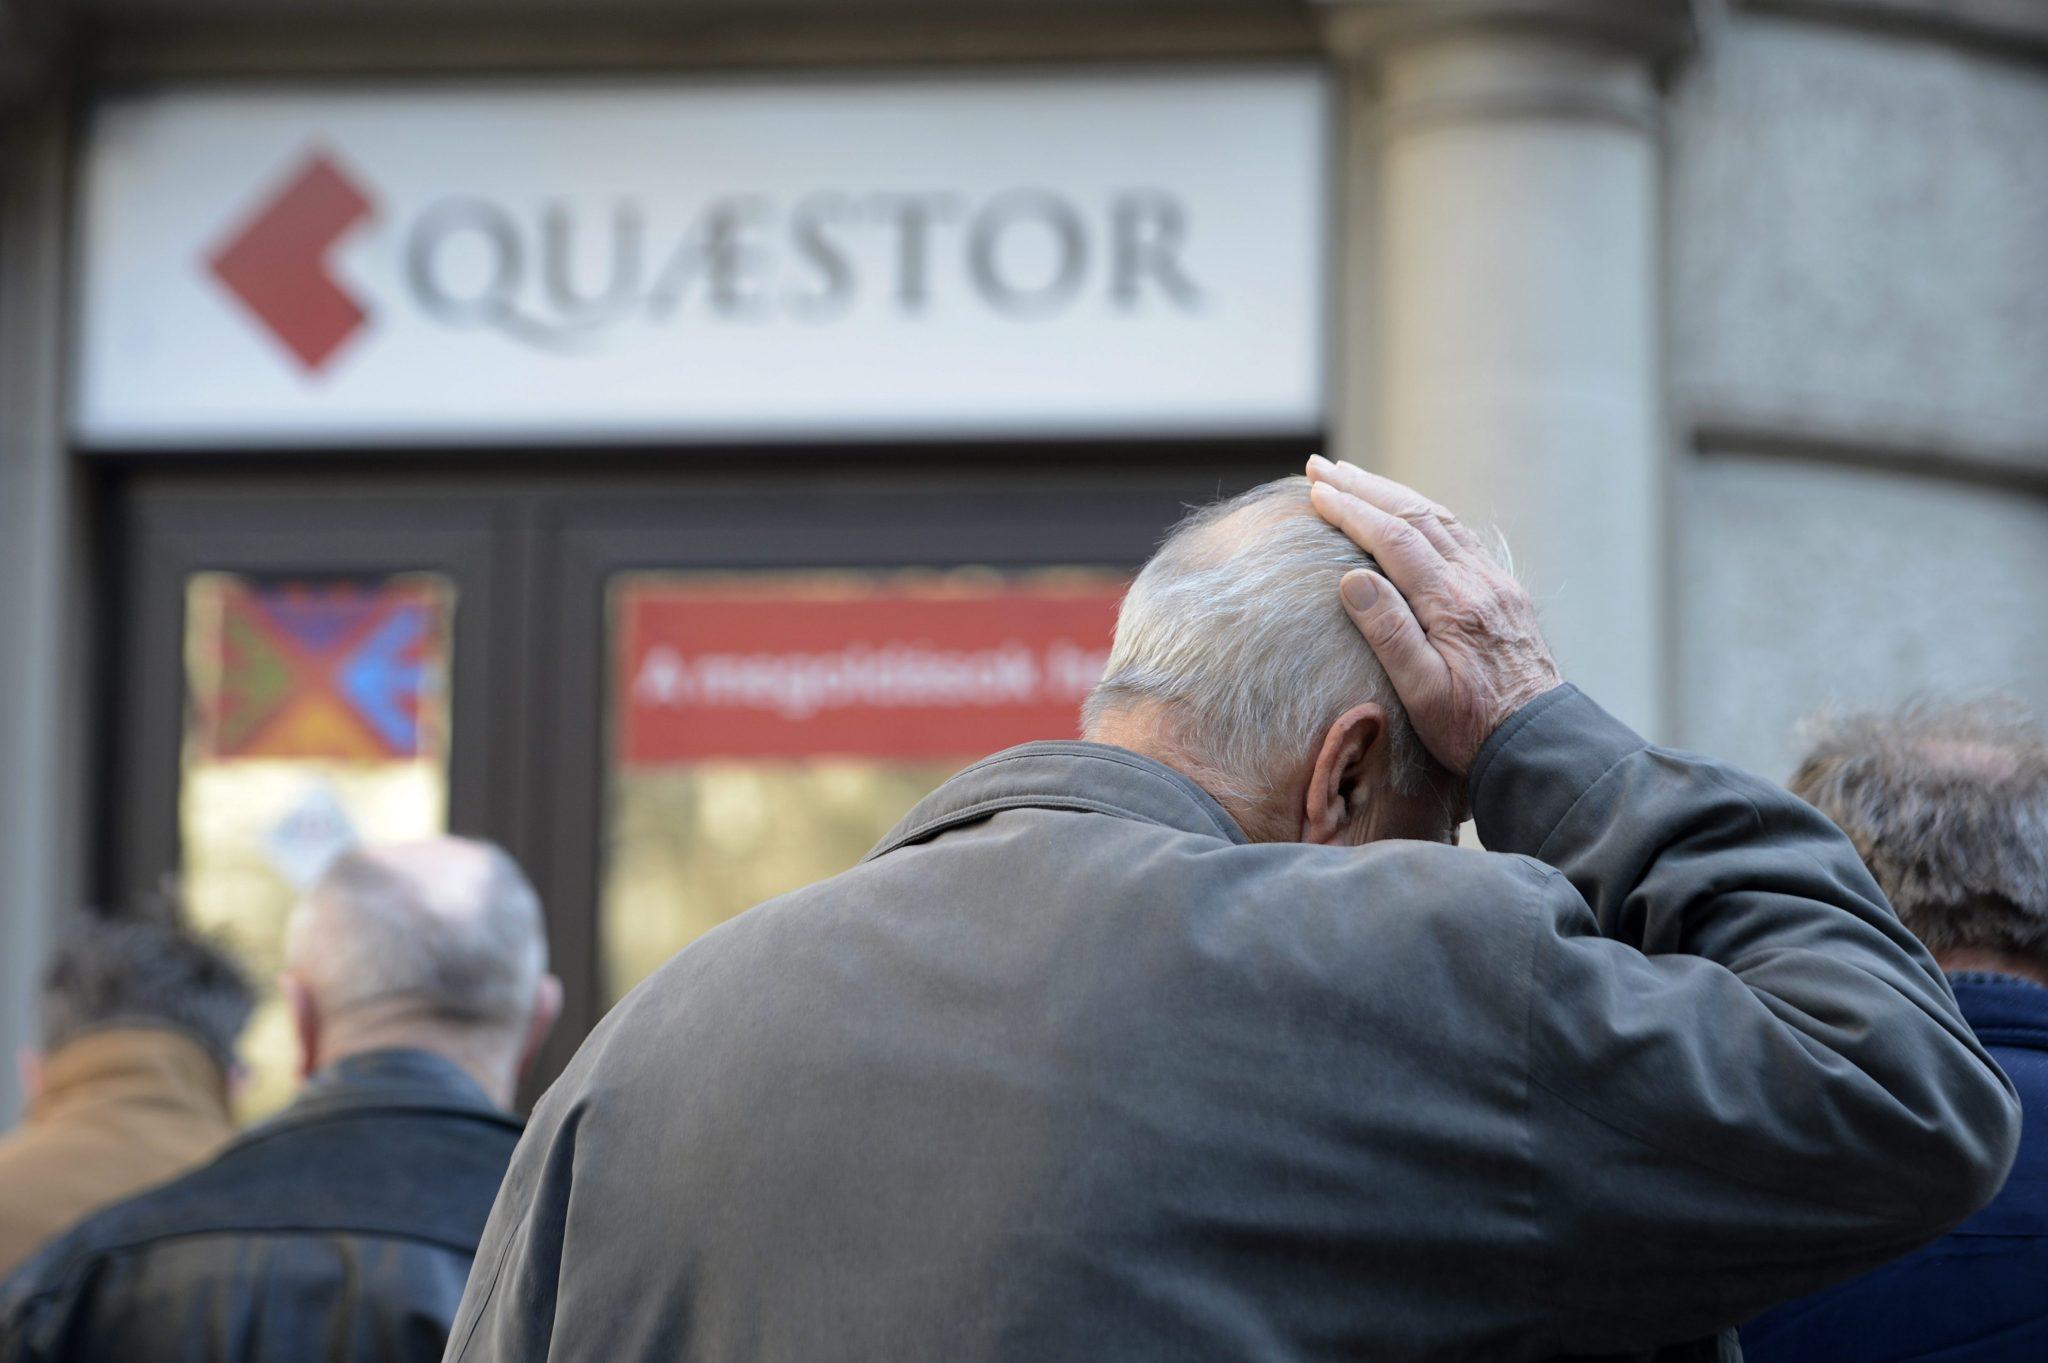 Quaestor brokerage